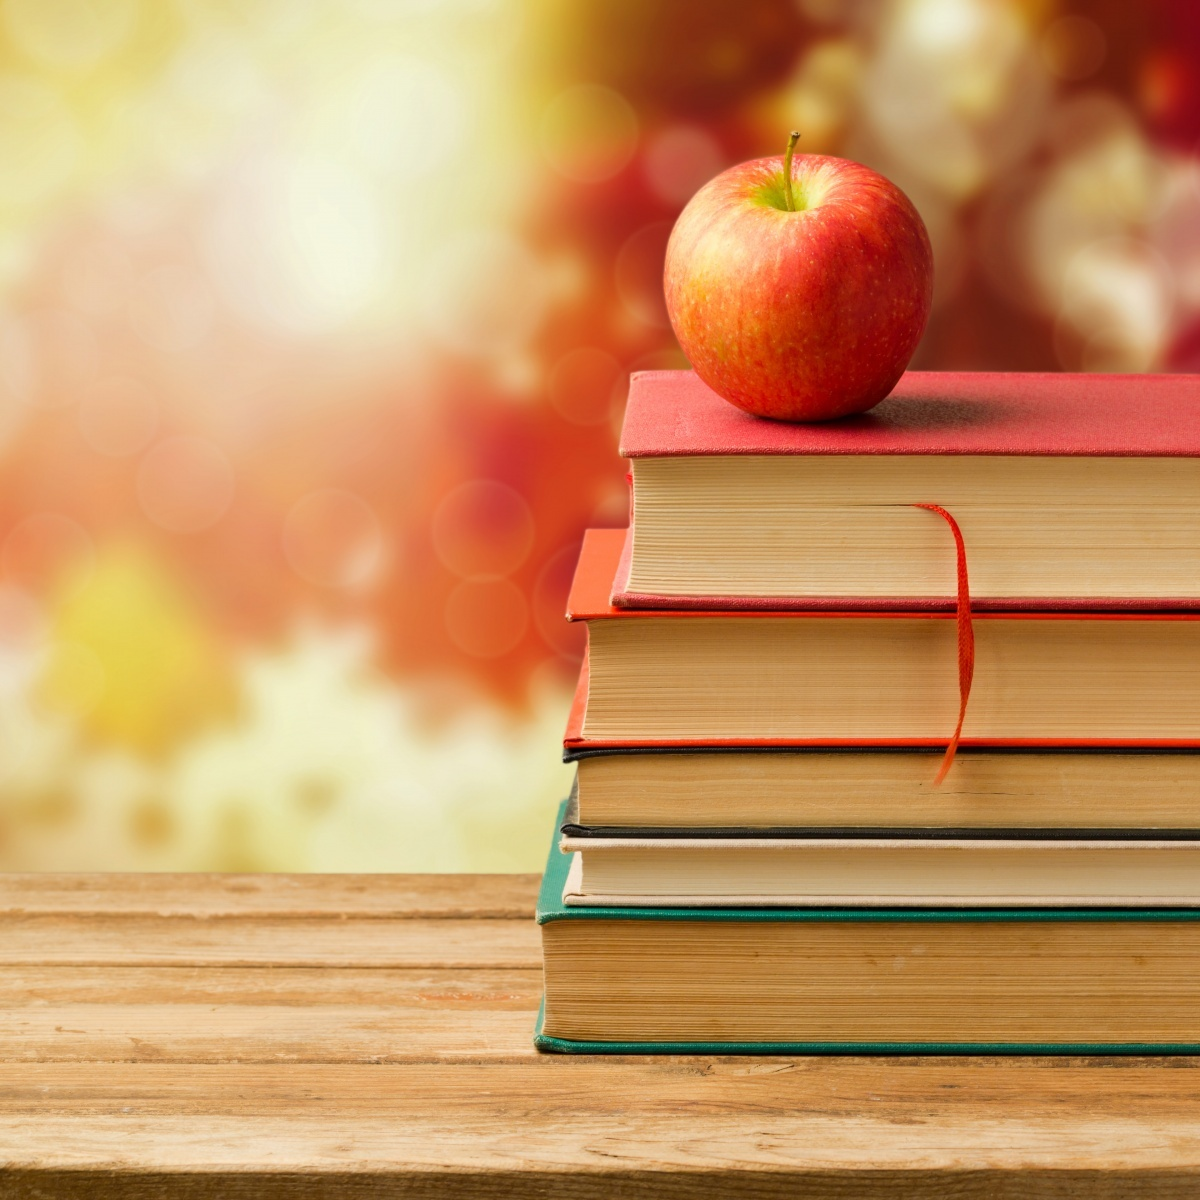 Обои на рабочий стол листья яблоко книга